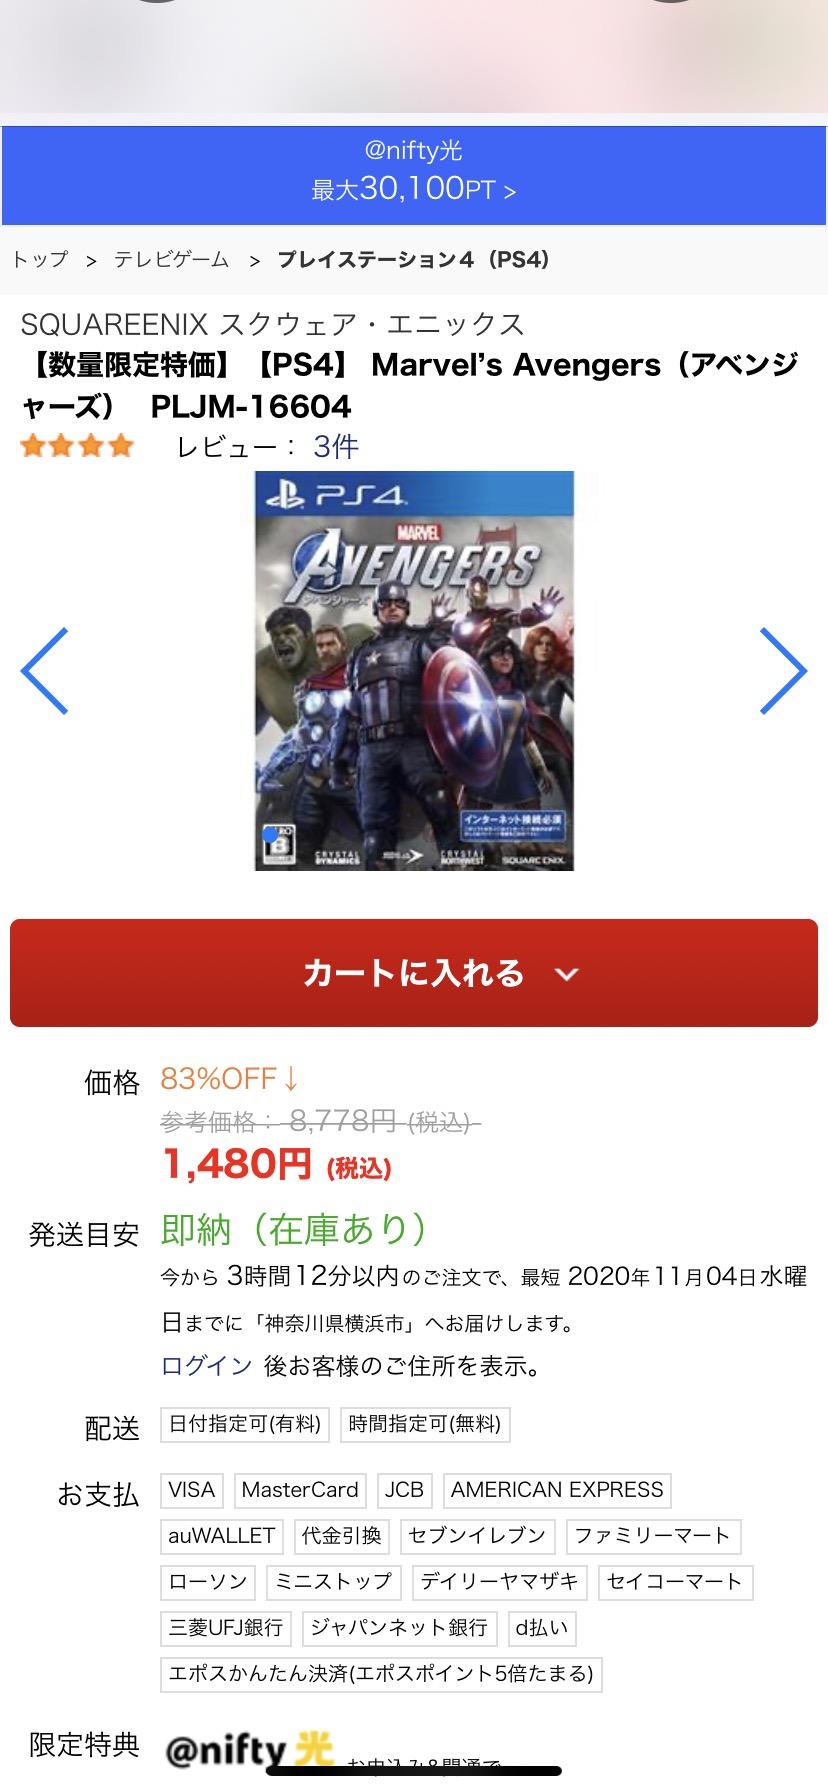 「Marvel's Avengers」の新品の値段がついに〇〇円を切る、これ今年発売のゲームだったよね…?